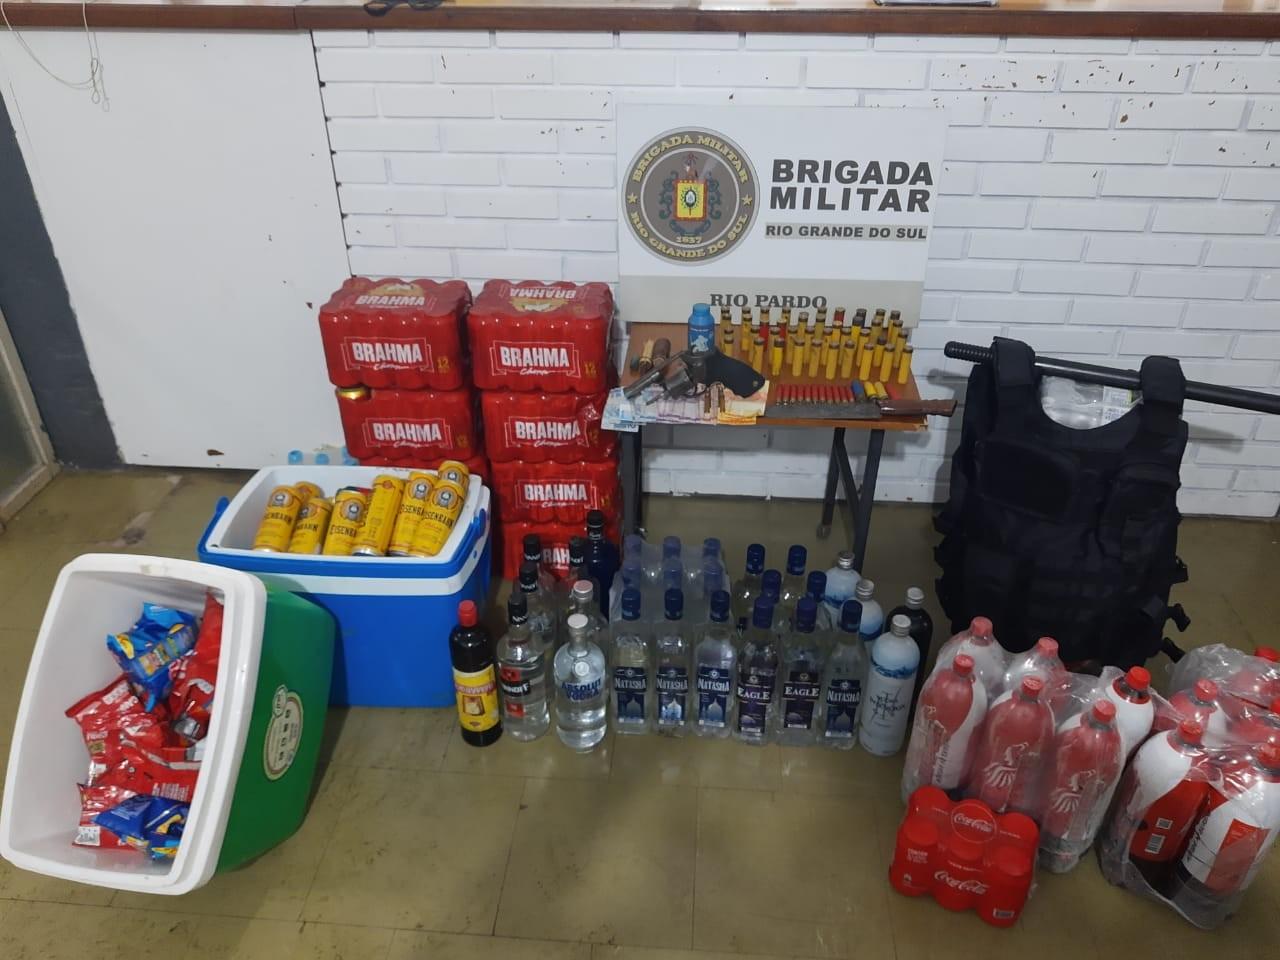 Festa clandestina com 120 pessoas é interrompida em Rio Pardo; dois organizadores foram presos